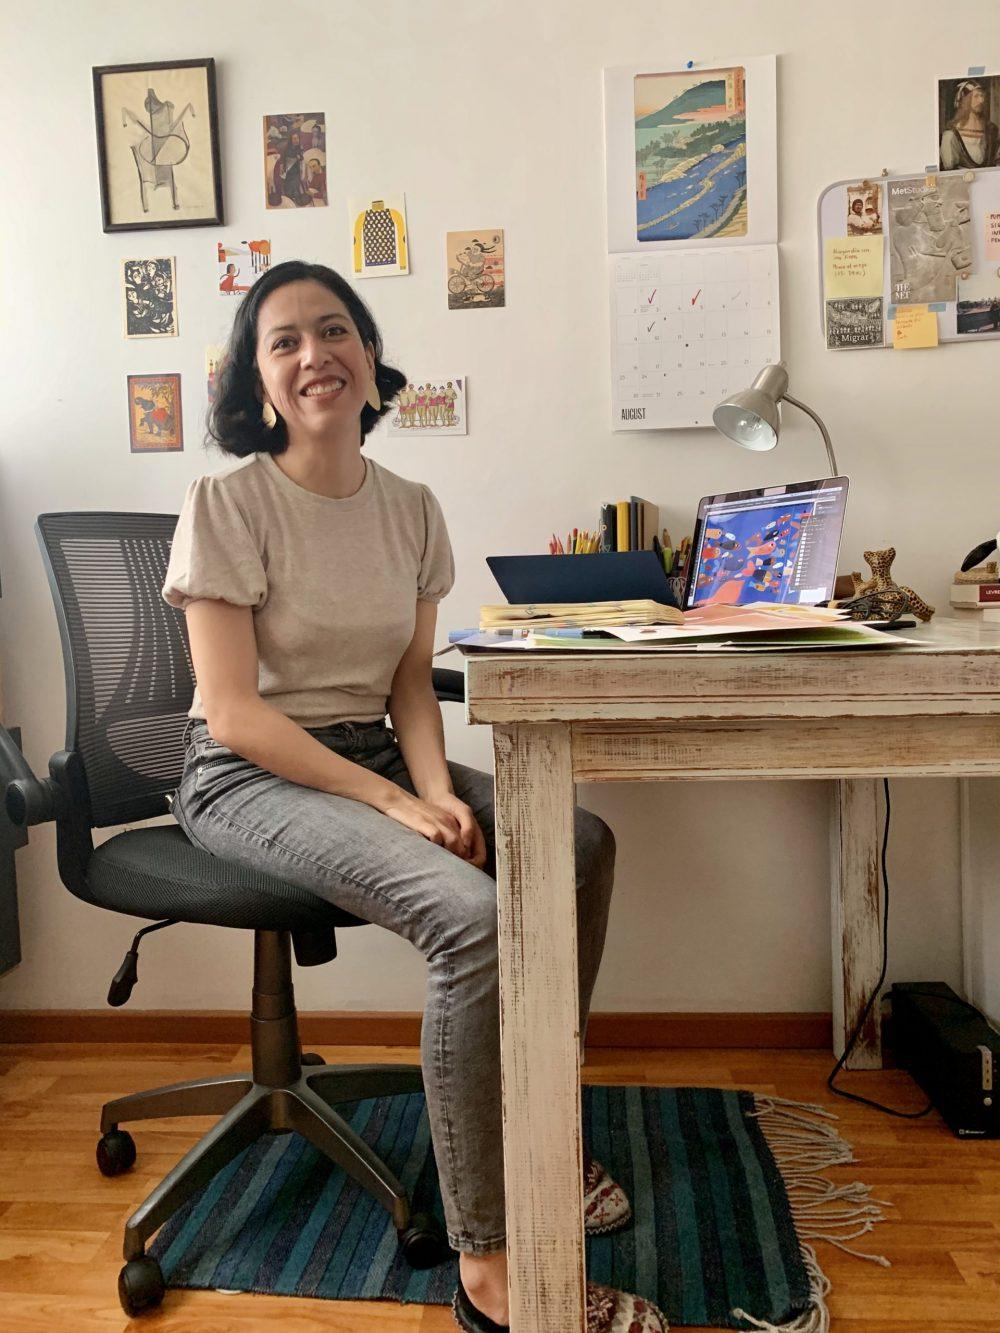 Die Illustratorin an ihrem Zeichenplatz